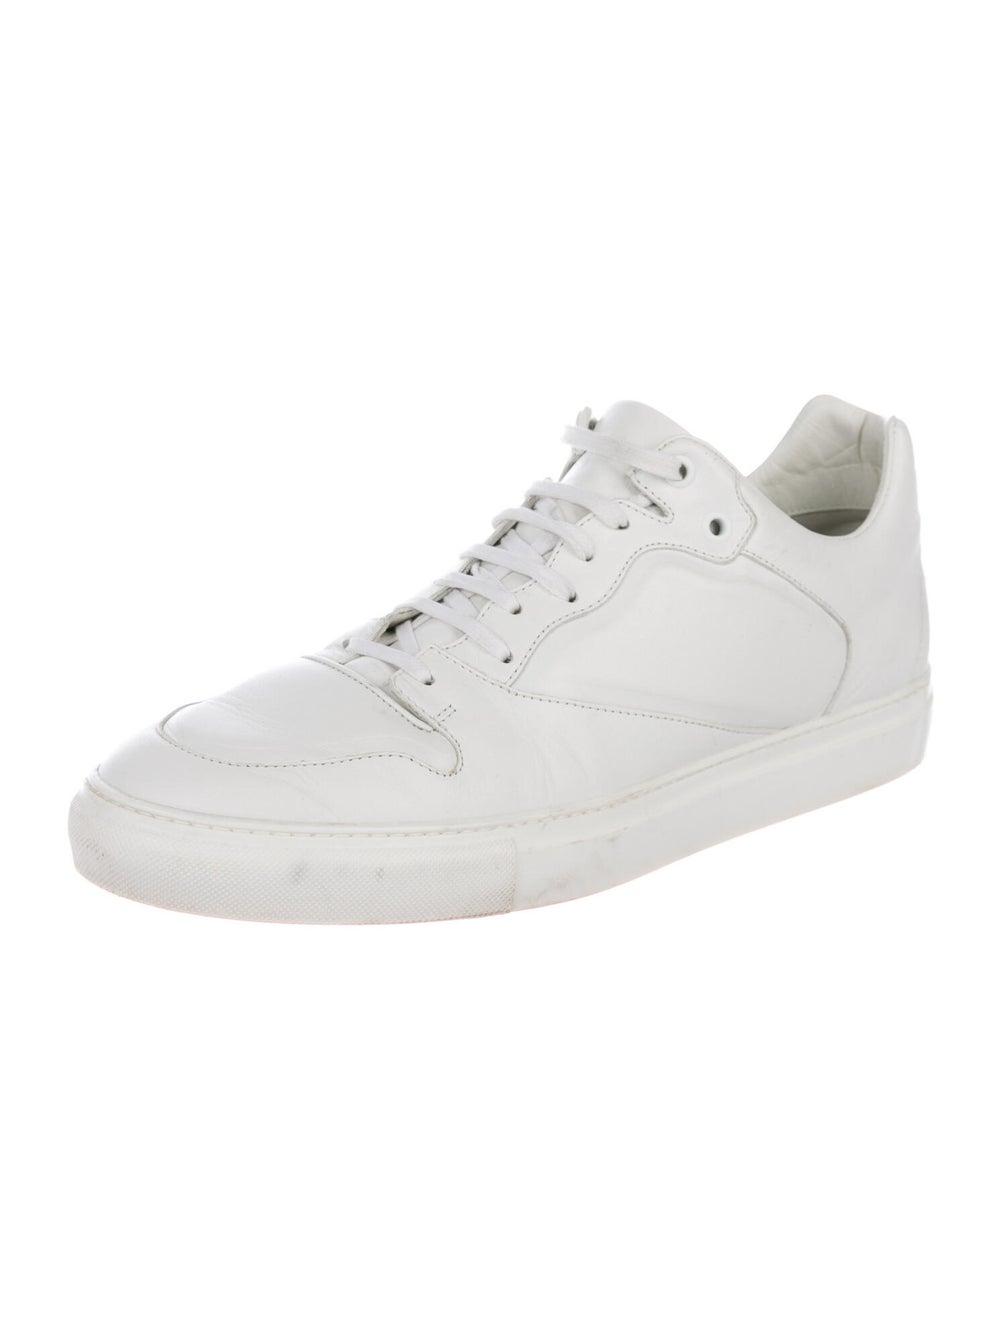 Balenciaga Leather Sneakers White - image 2